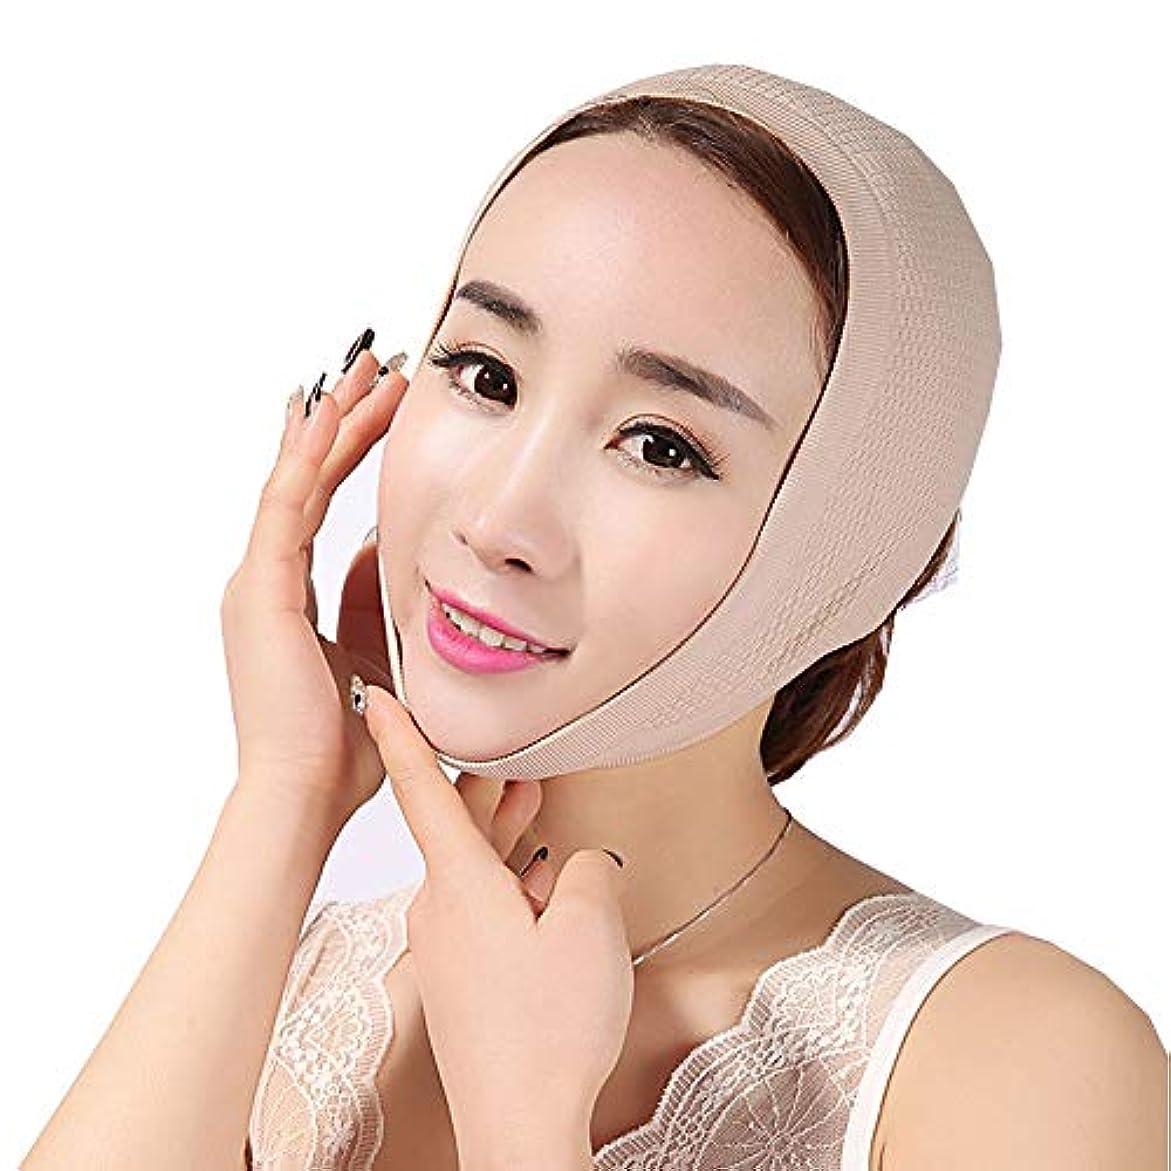 ベルベットどのくらいの頻度で付けるフェイスマスクで眠る薄い顔フェイスリフトフェイスリフトアーティファクトスモールフェイスVフェイスリフト付きフェイスフェイス包帯引き上げジョーセット